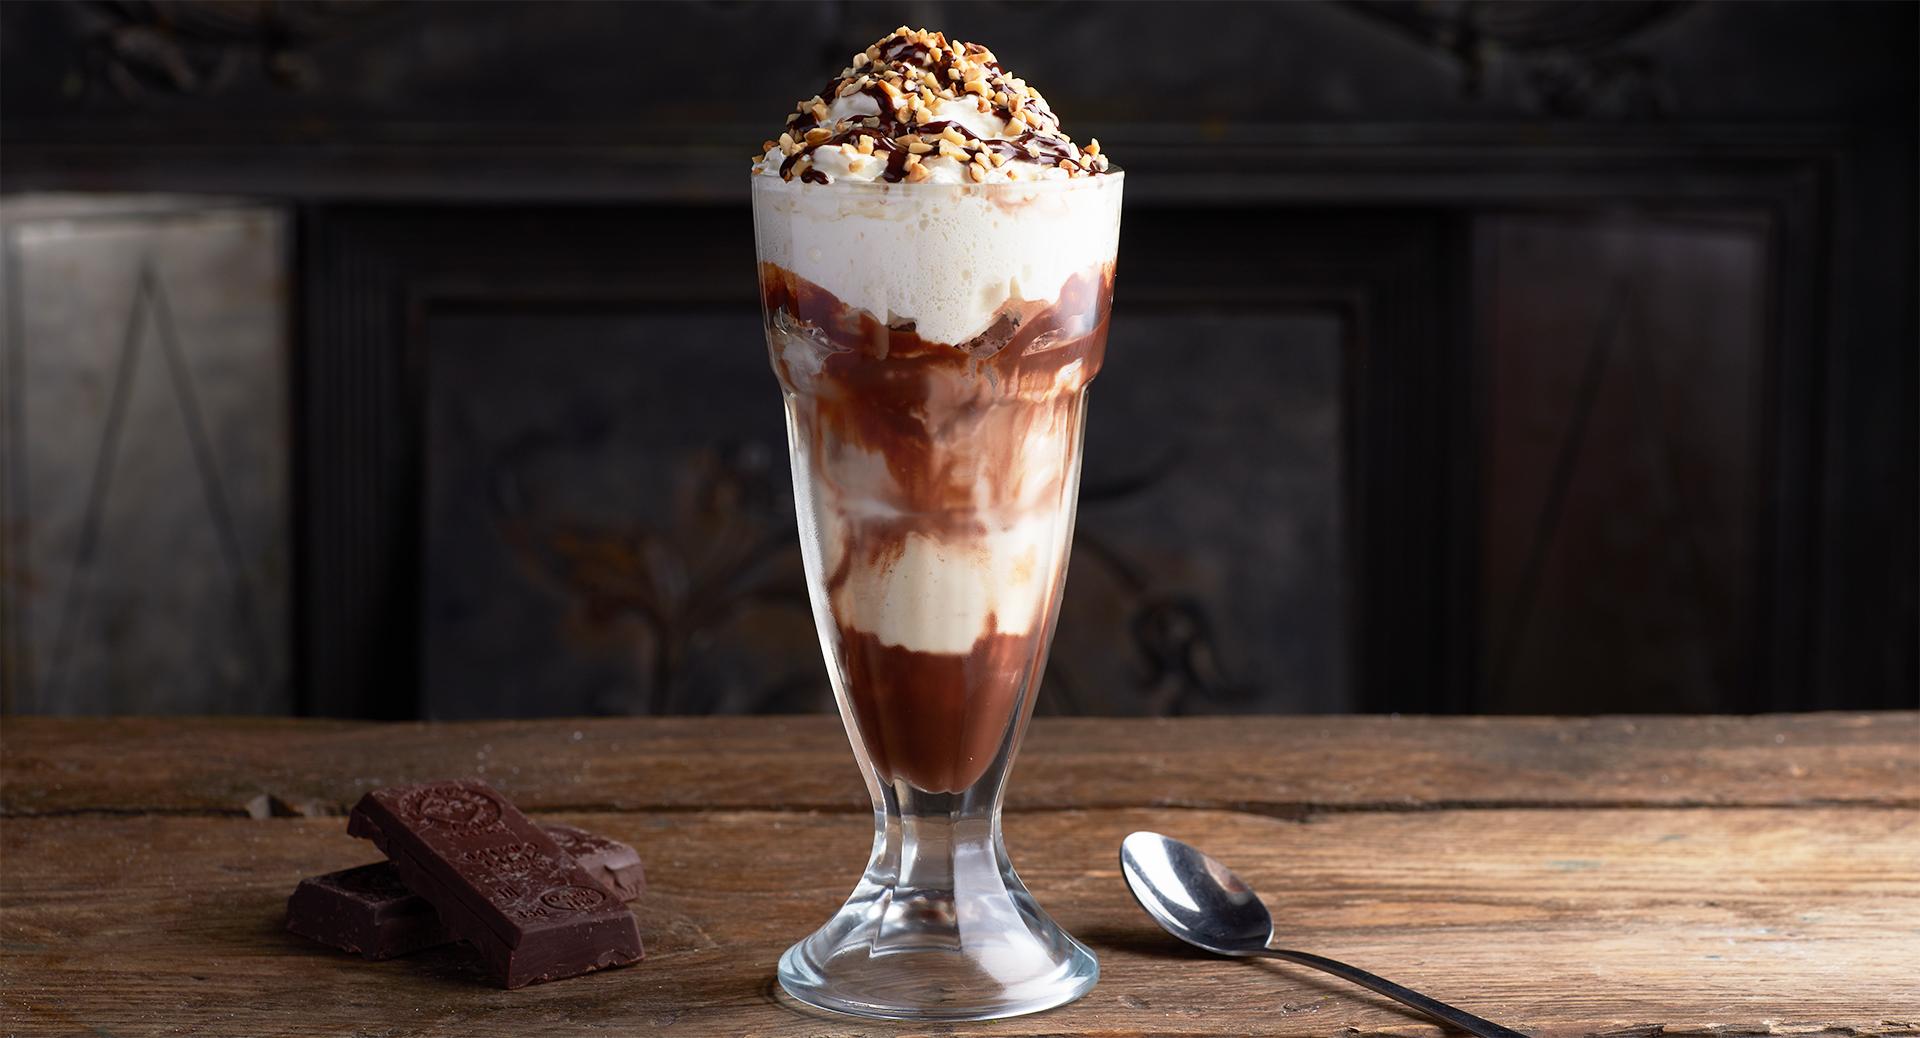 La Anne de Bretagne Ice cream chocolate homemade